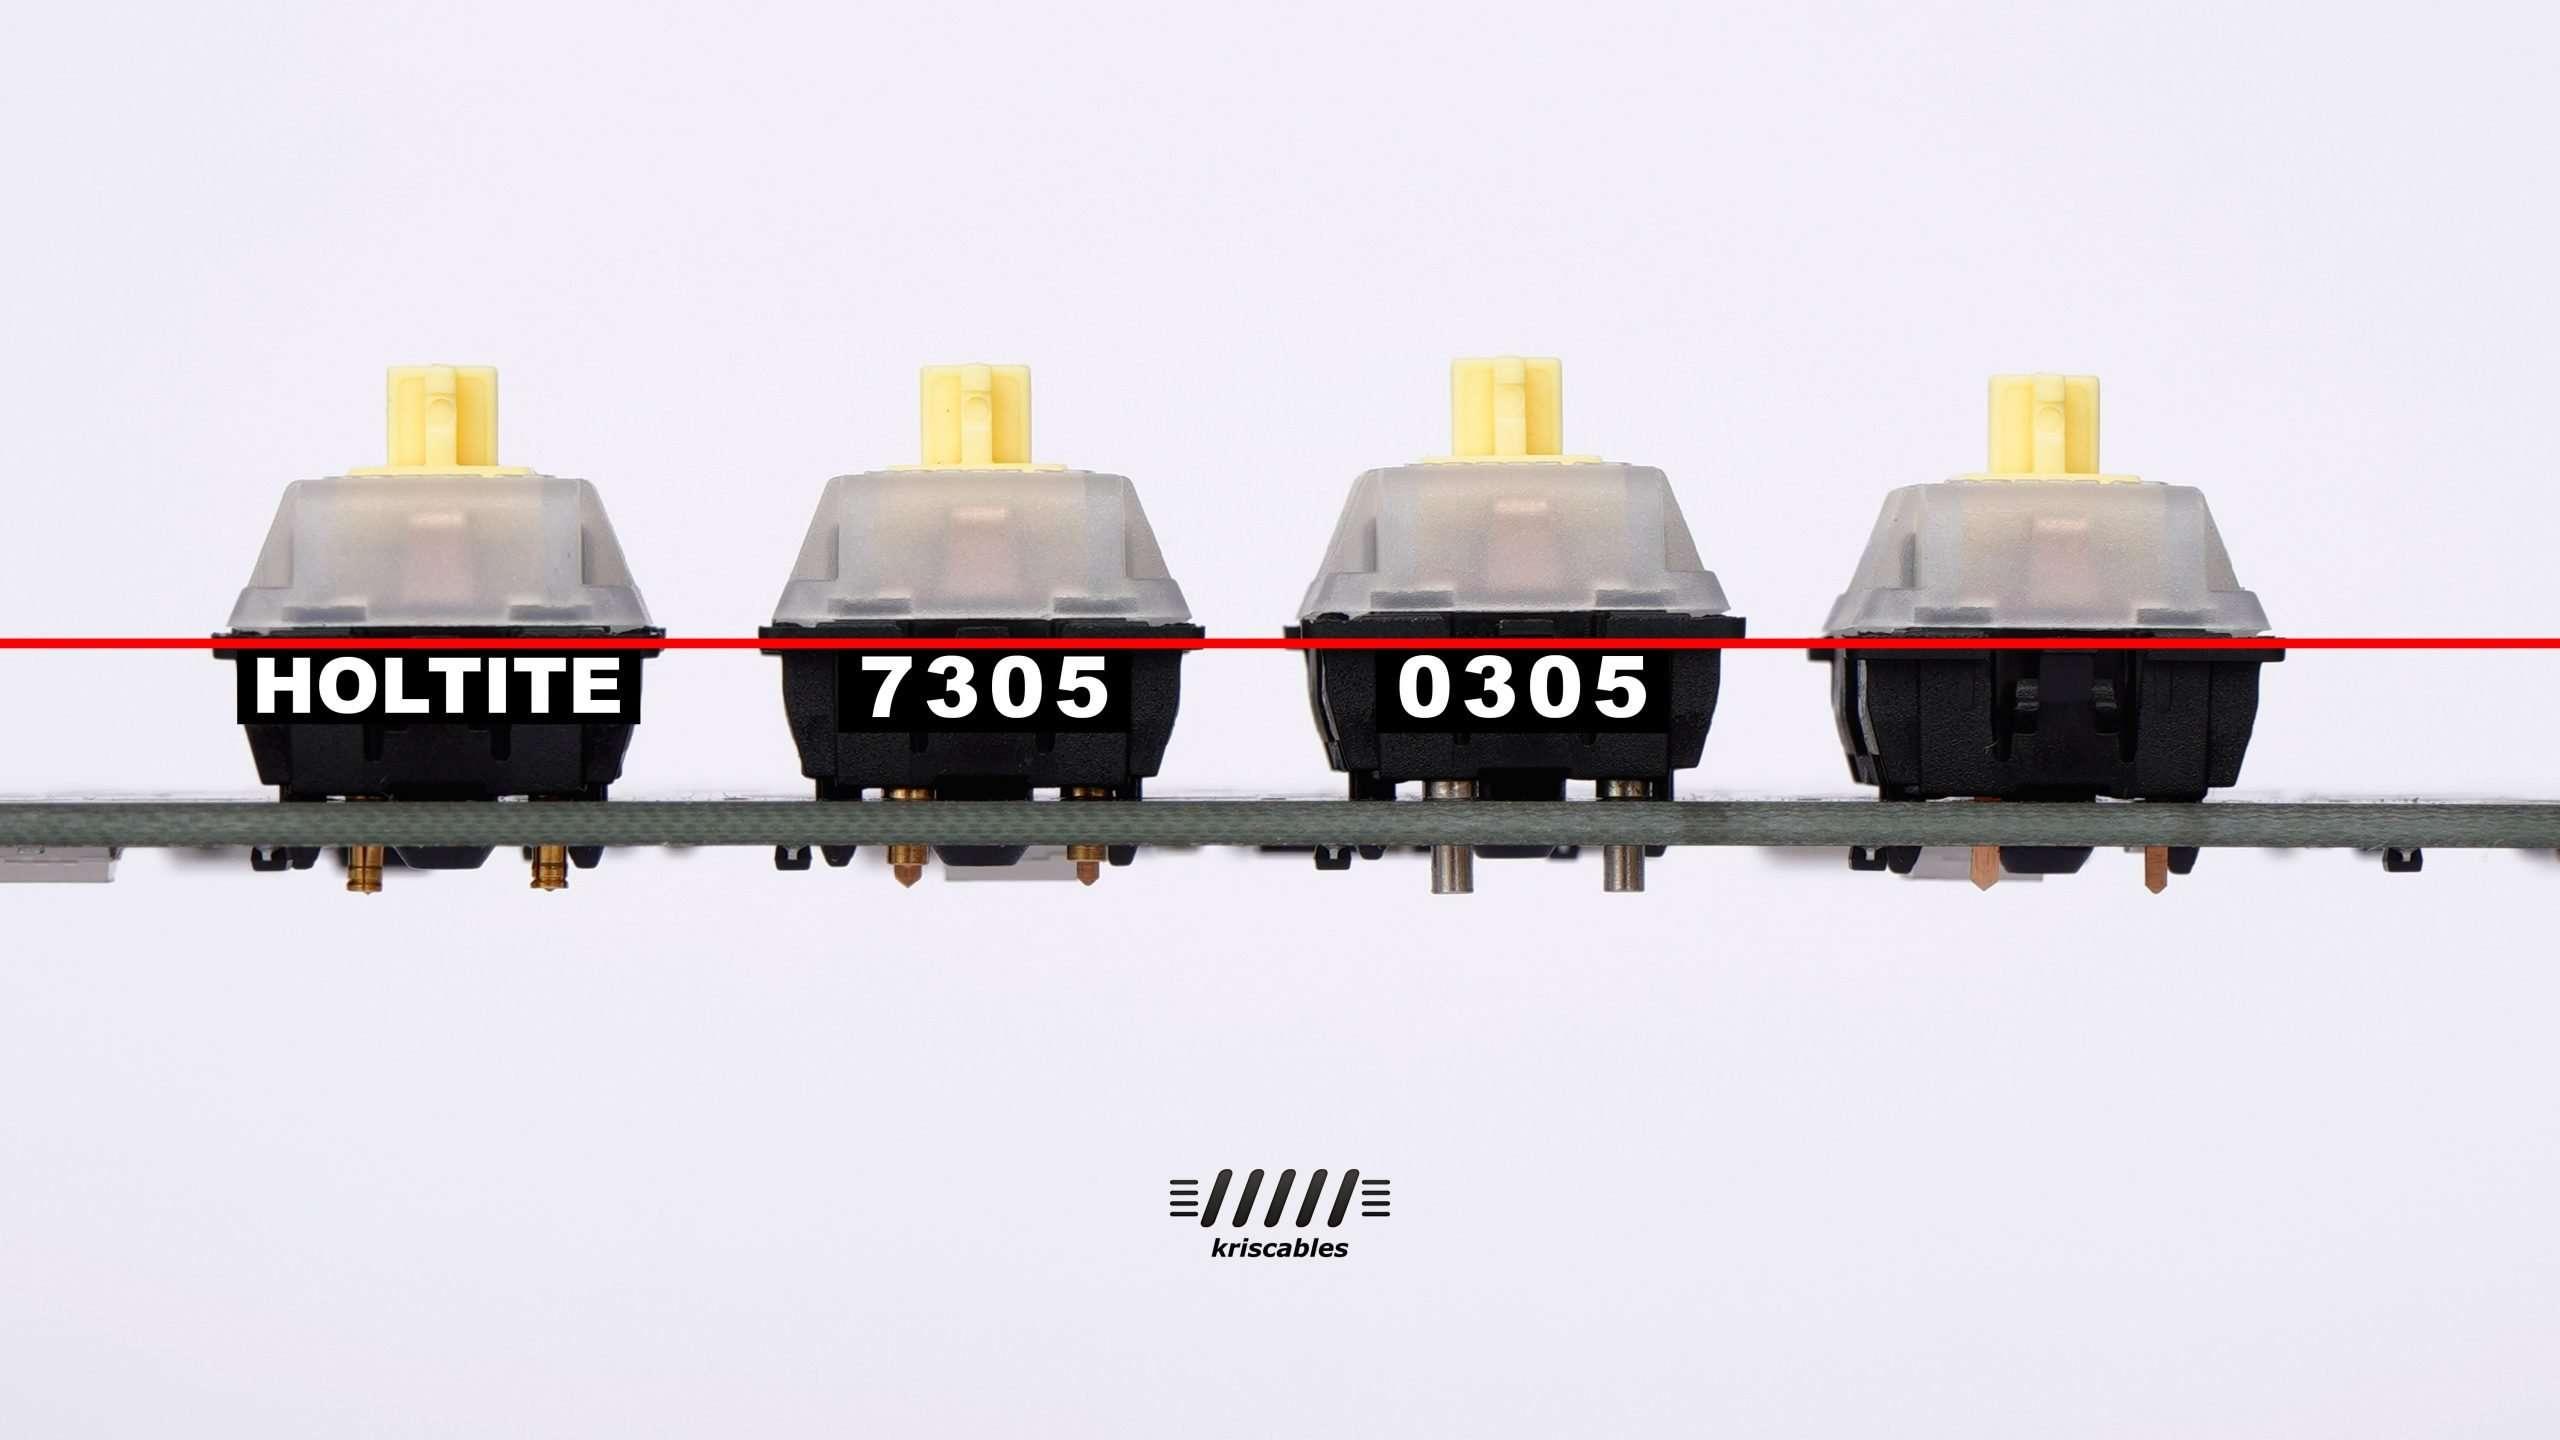 Mill Max hotswap sockets 0305 vs 7305 vs Holtite